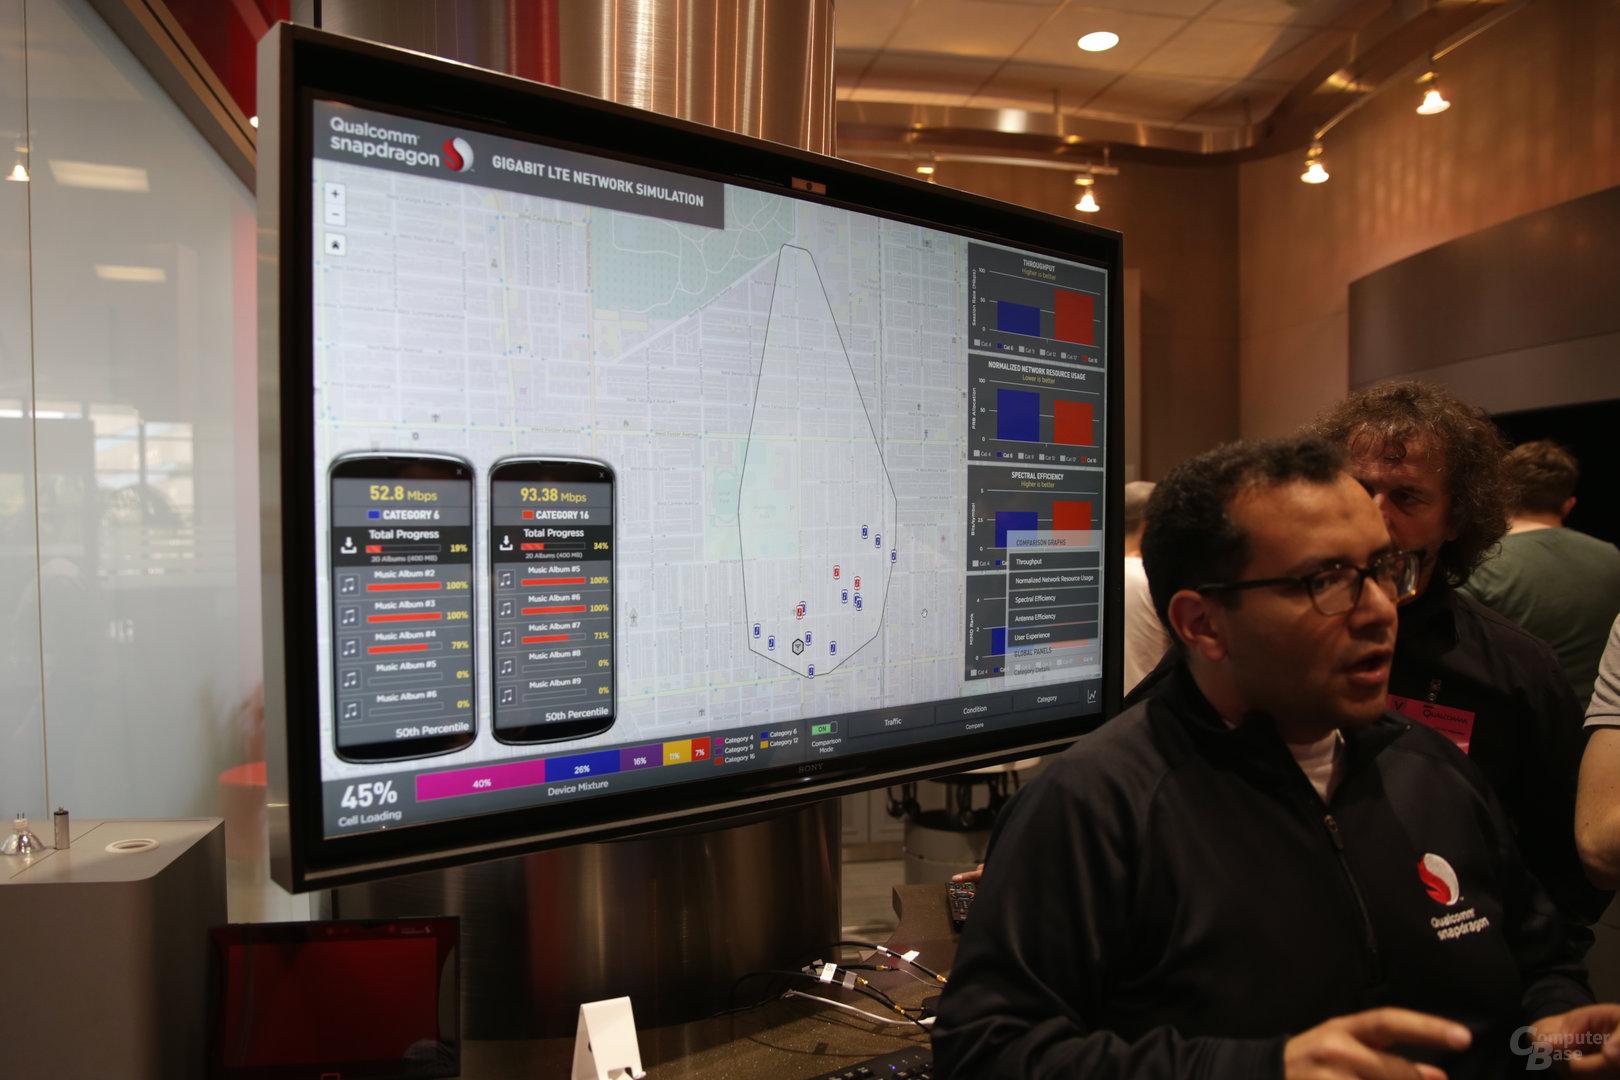 Qualcomm zeigt im LTE-Lab ein simuliertes Netzwerk und die Vorteile von LTE Cat. 16